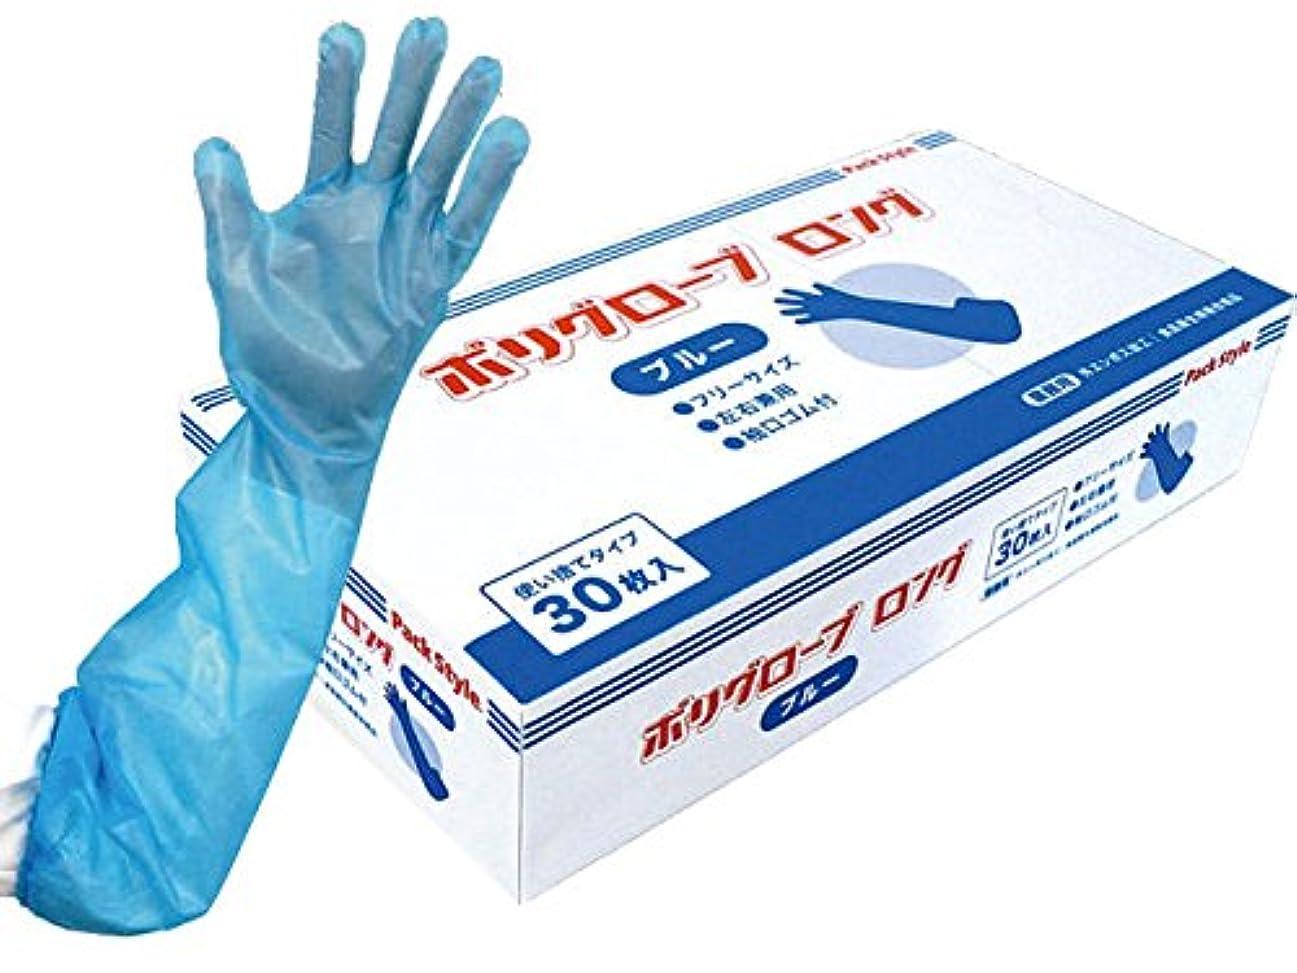 ロボット含意サバントパックスタイル 使い捨て ポリ手袋 ポリグローブロング 袖口ゴム付 青 600枚 00493319